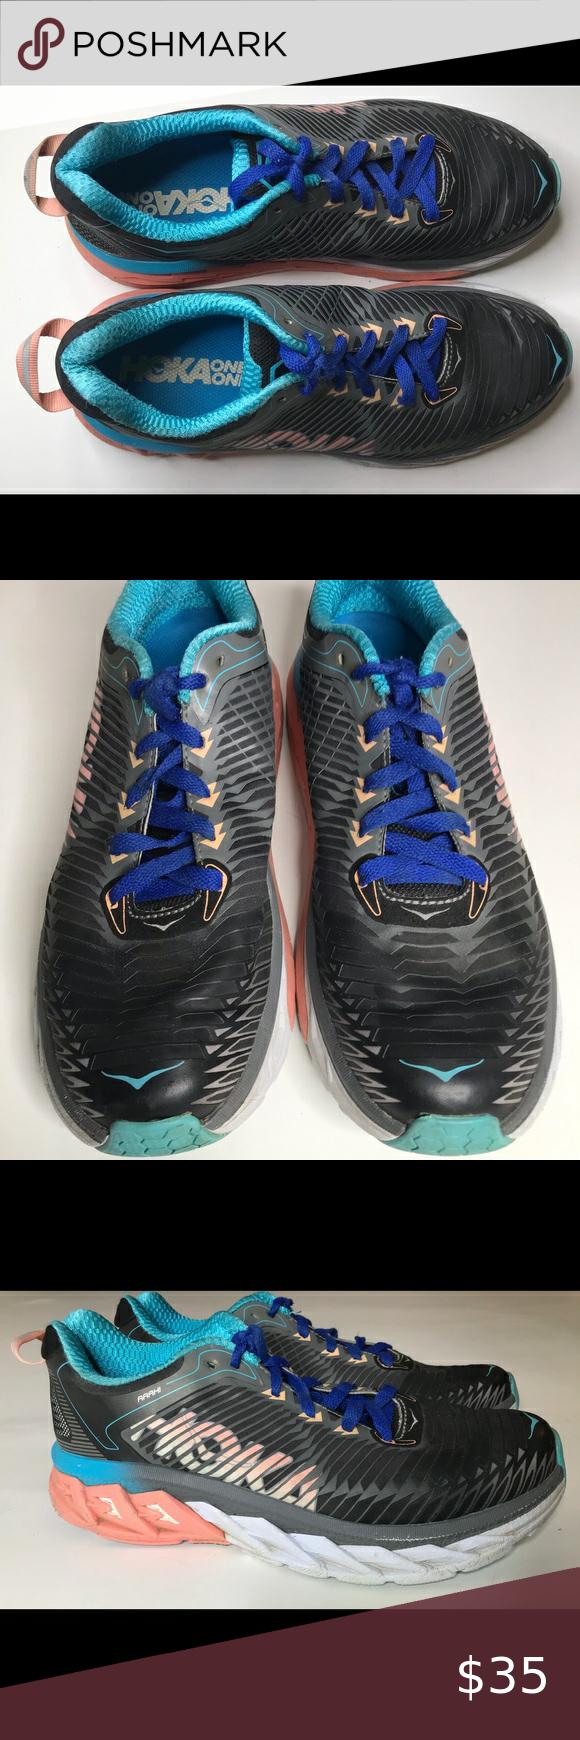 HOKA One One Arahi Shoes, #F27217A